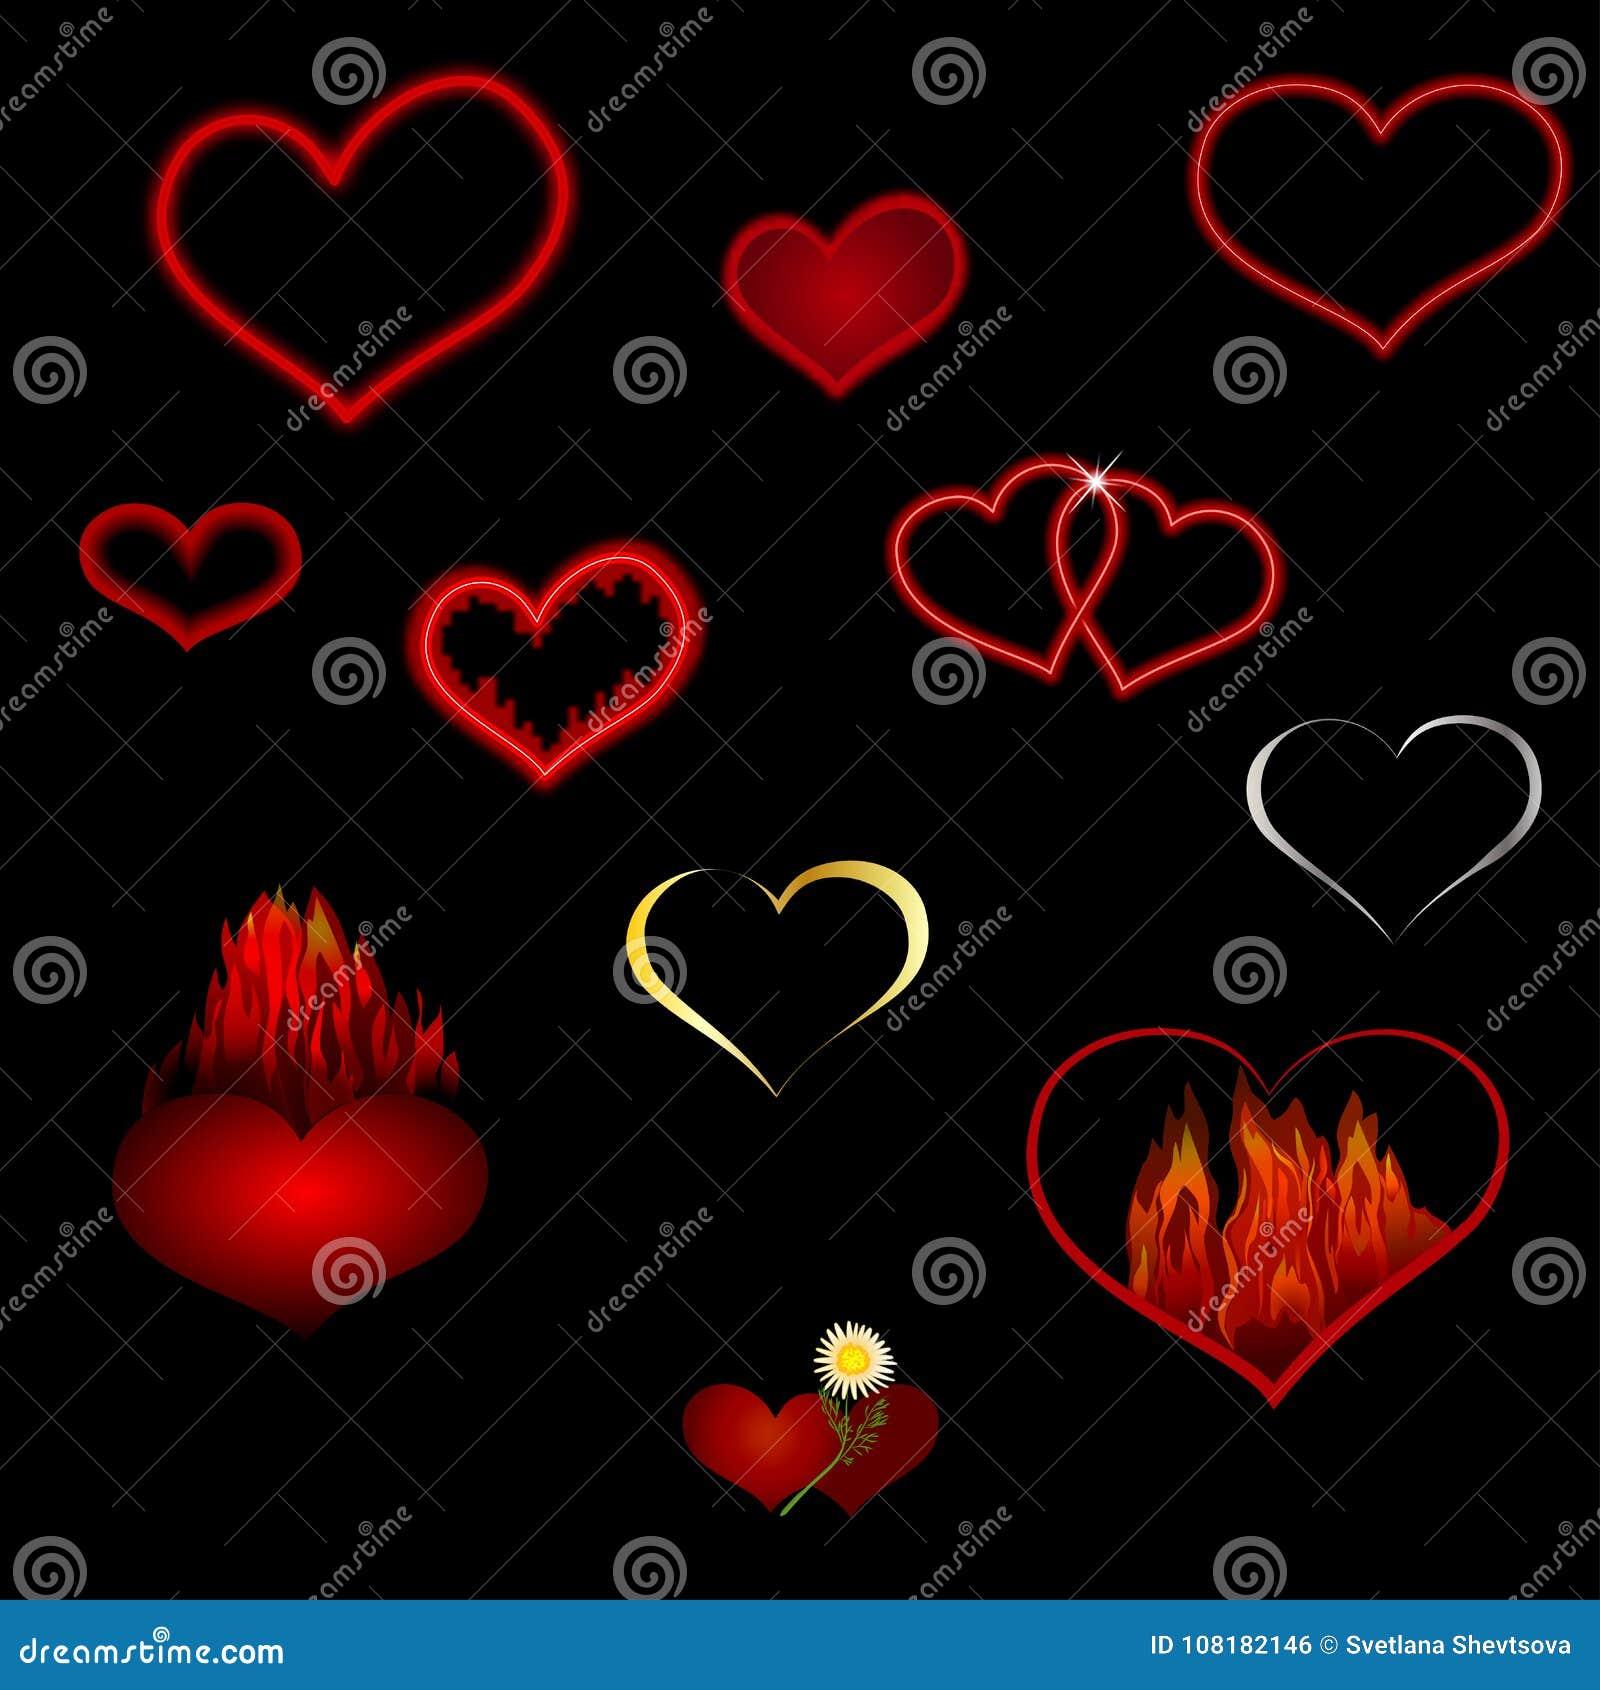 Vectorinzameling van rode harten van verschillende vormen op een zwarte achtergrond